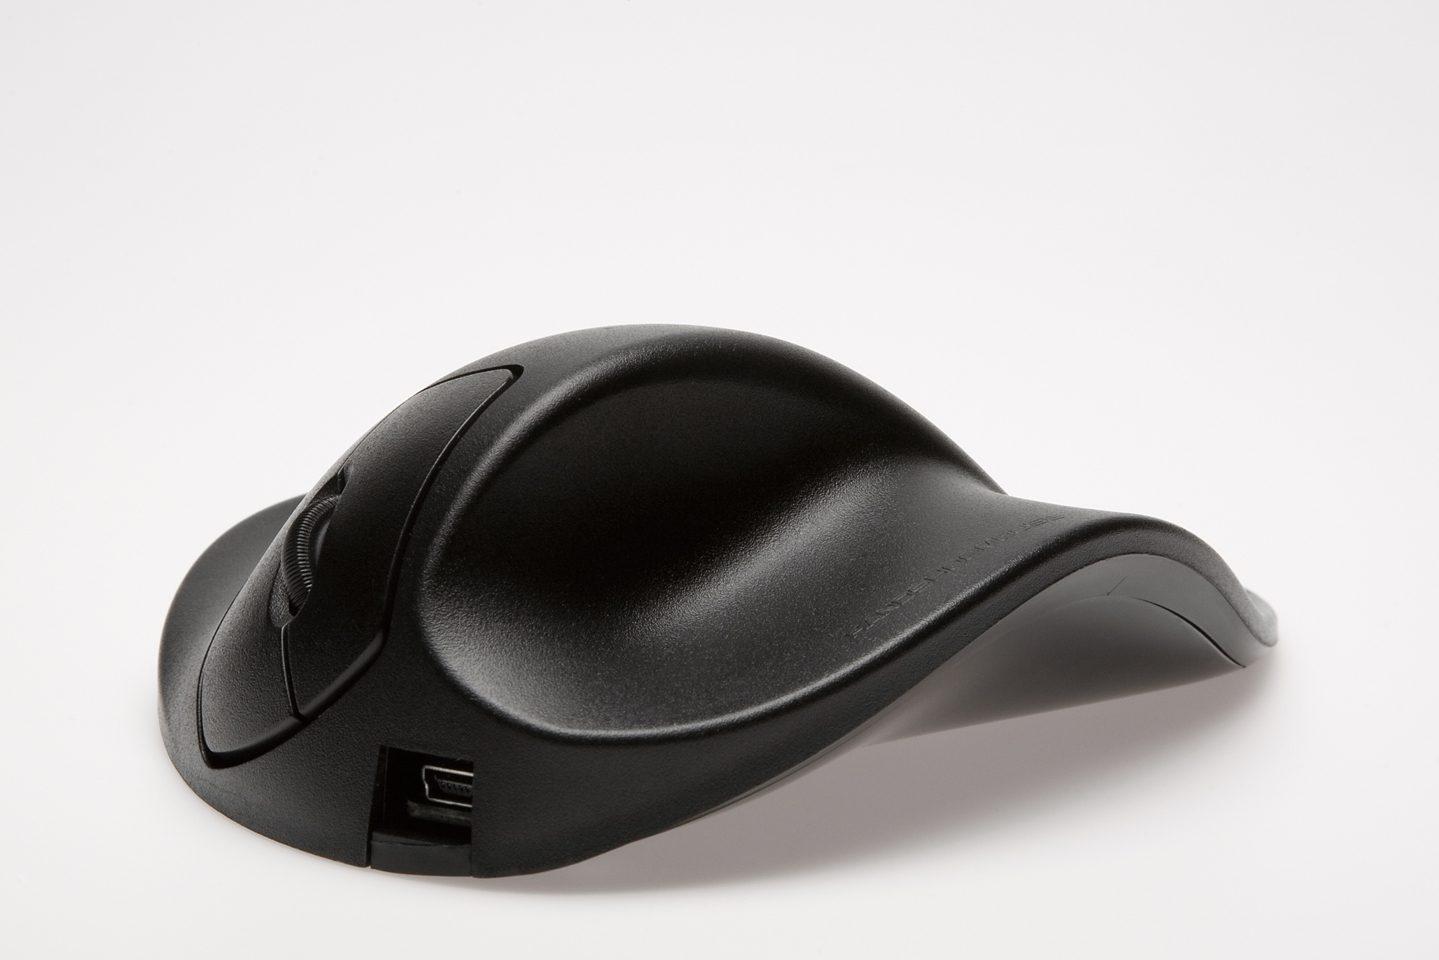 HIPPUS ergonomische »HandShoe Mouse rechts M«